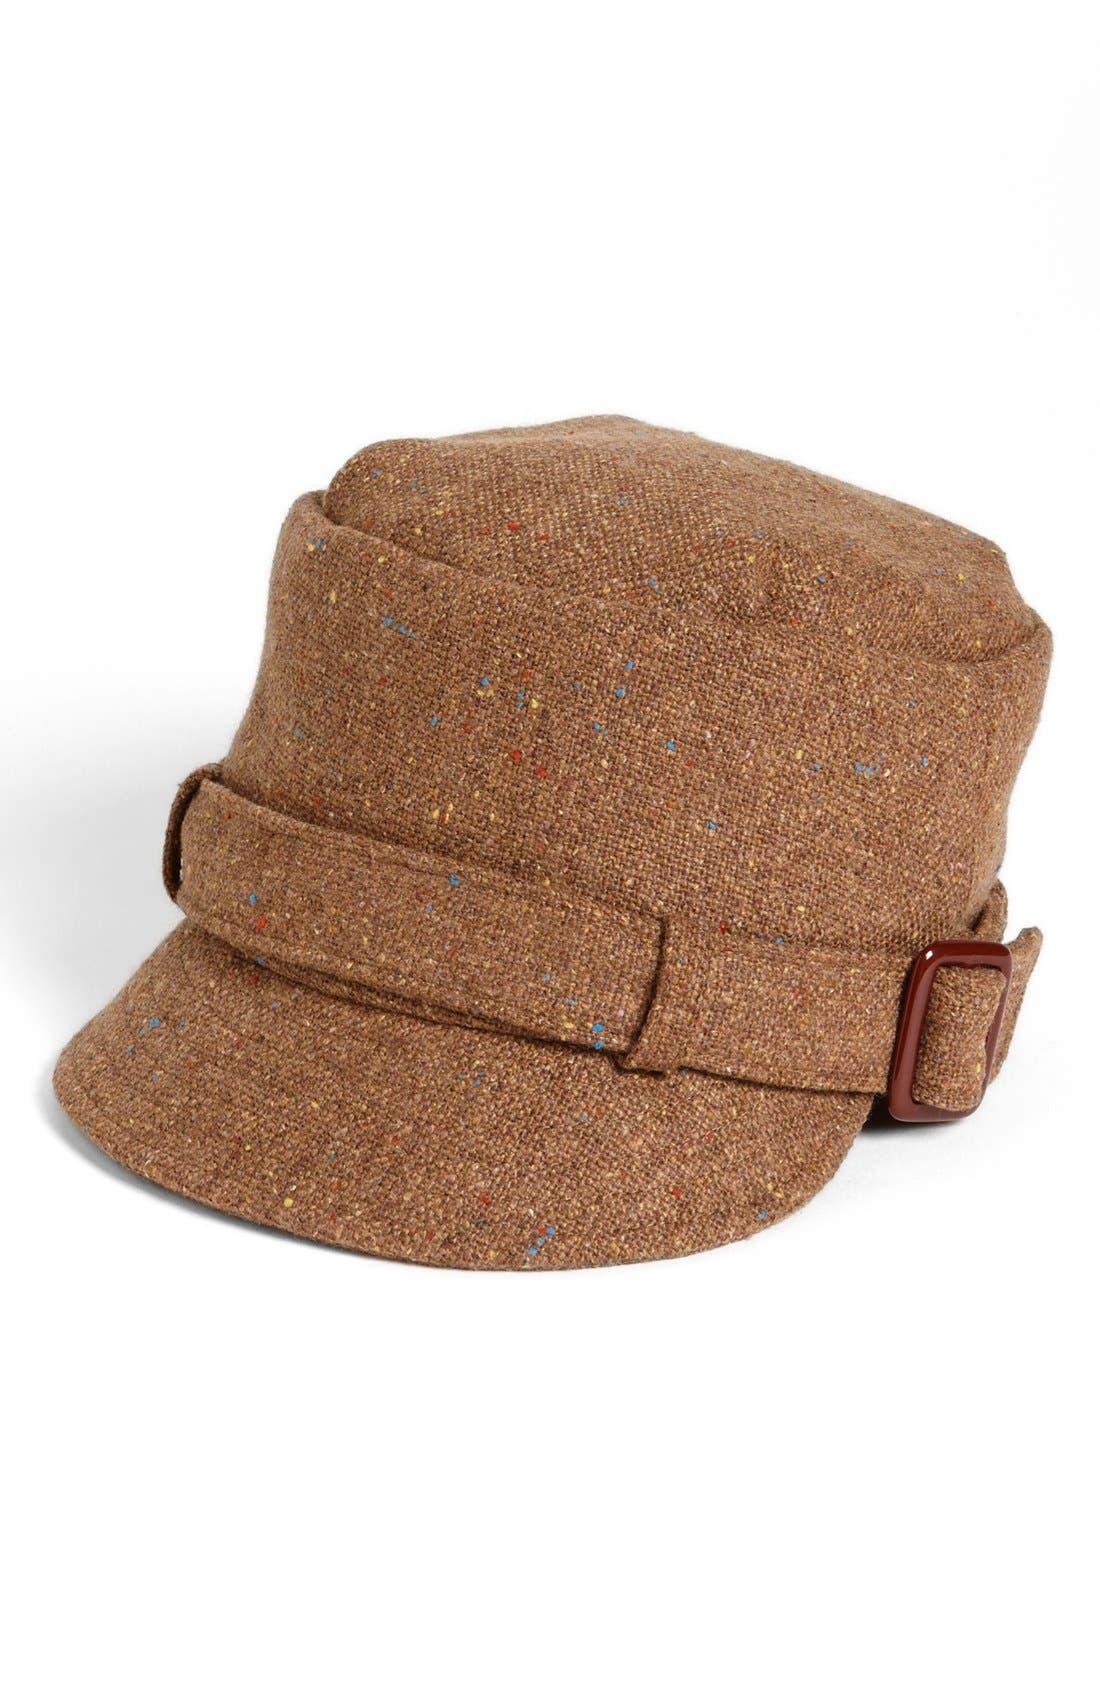 Alternate Image 1 Selected - San Diego Hat Tweed Cap